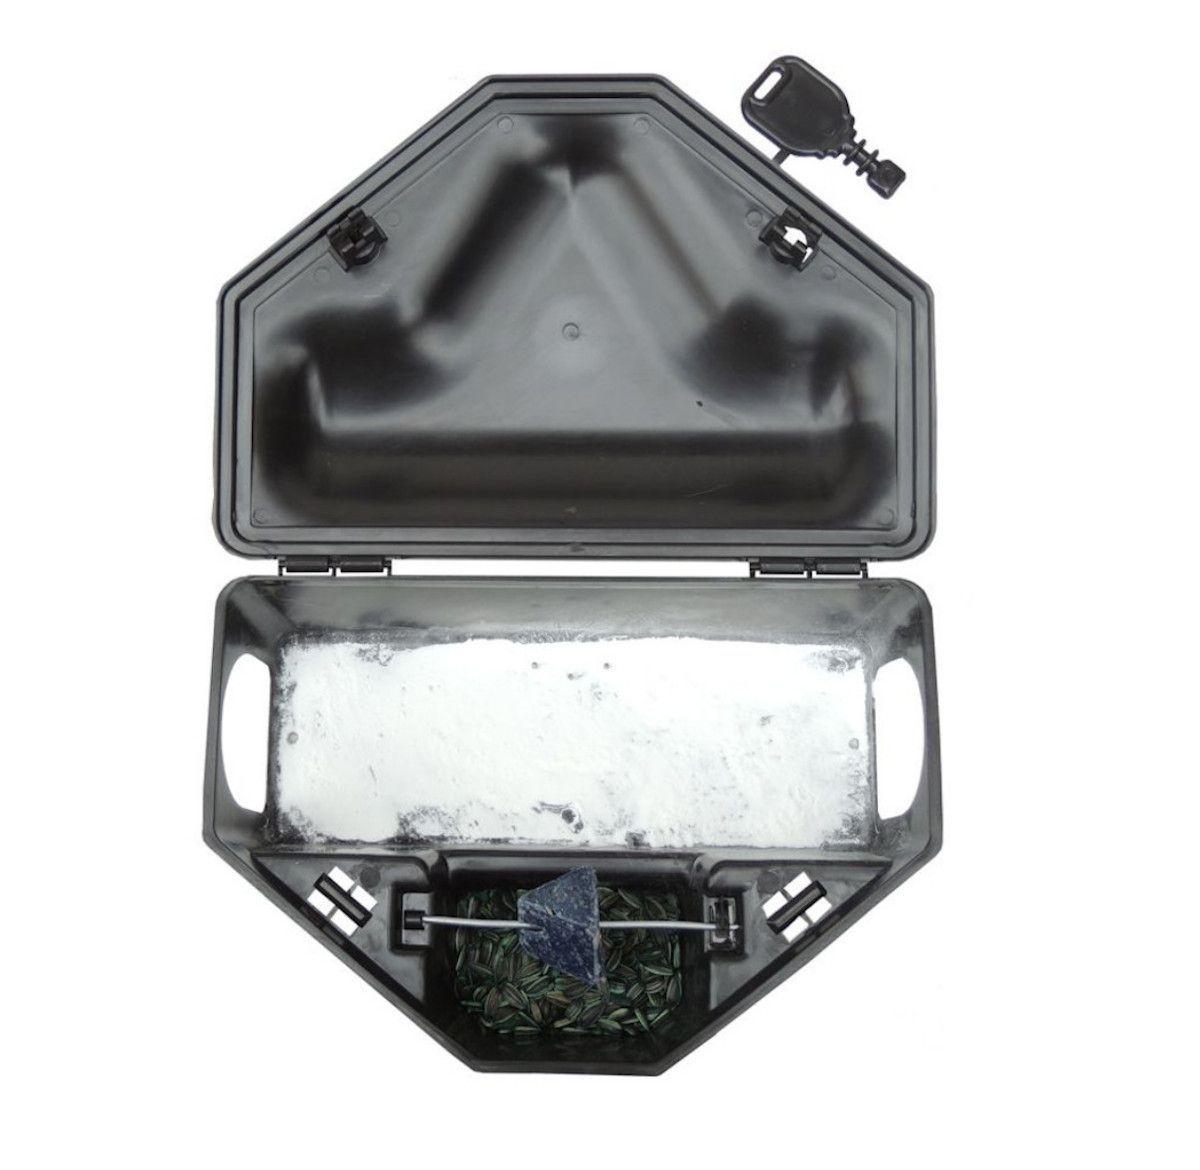 KIT 1000 Mata Rato Porta Iscas Resistente 2 TRAVA c/ Chave